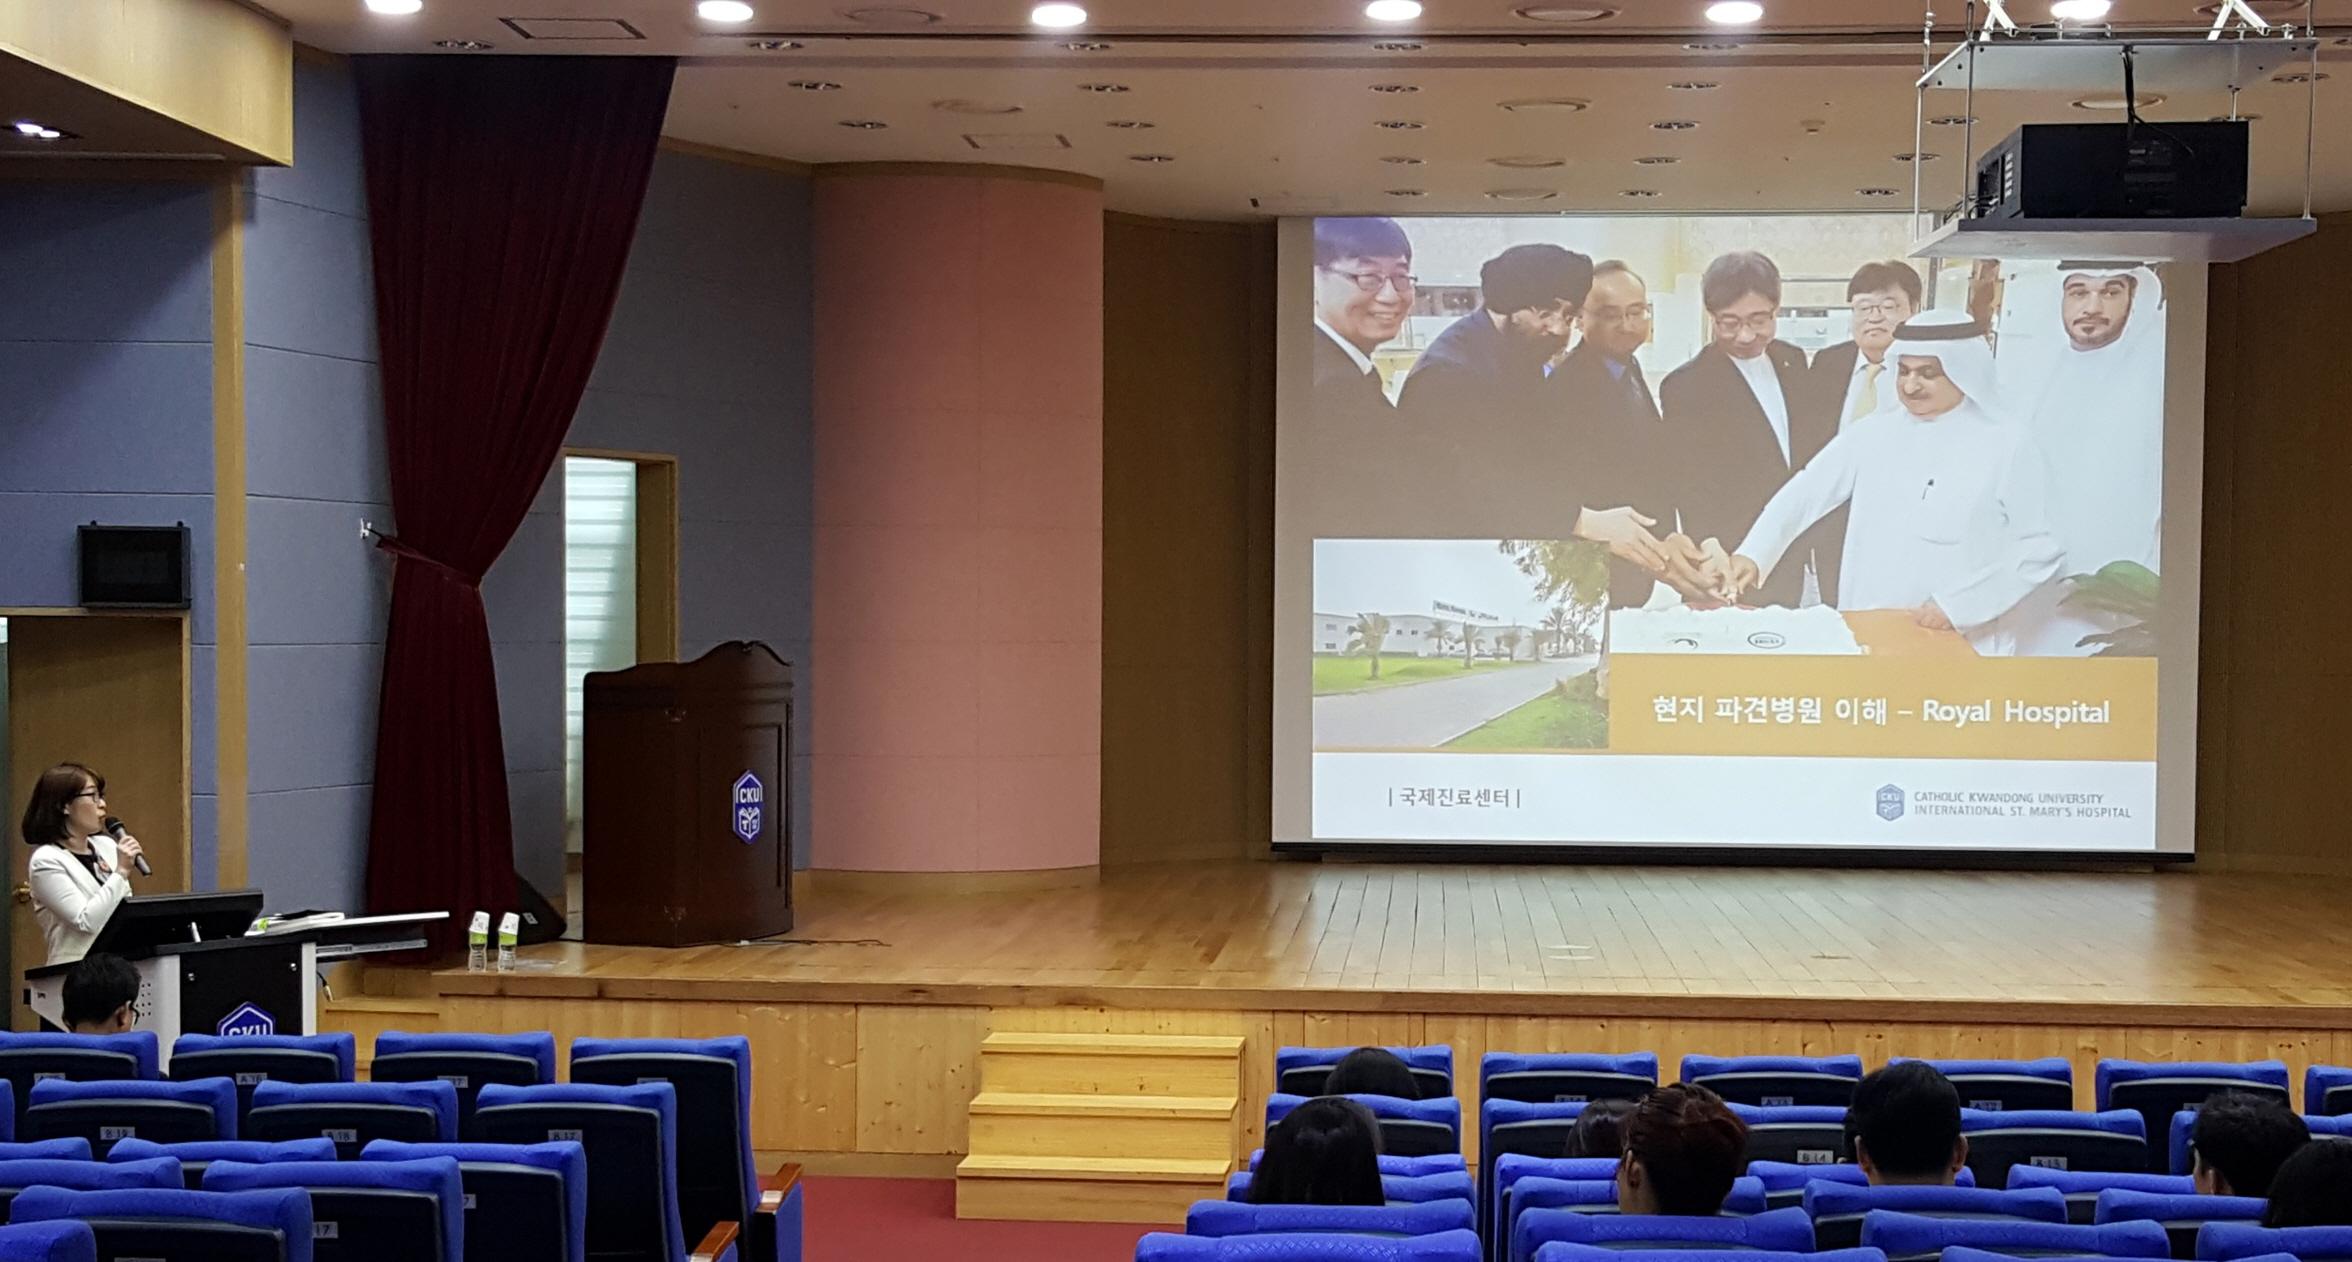 한국보건복지인력개발원, 해외 의료진출을 위한 국가별 특화 프로그램 운영